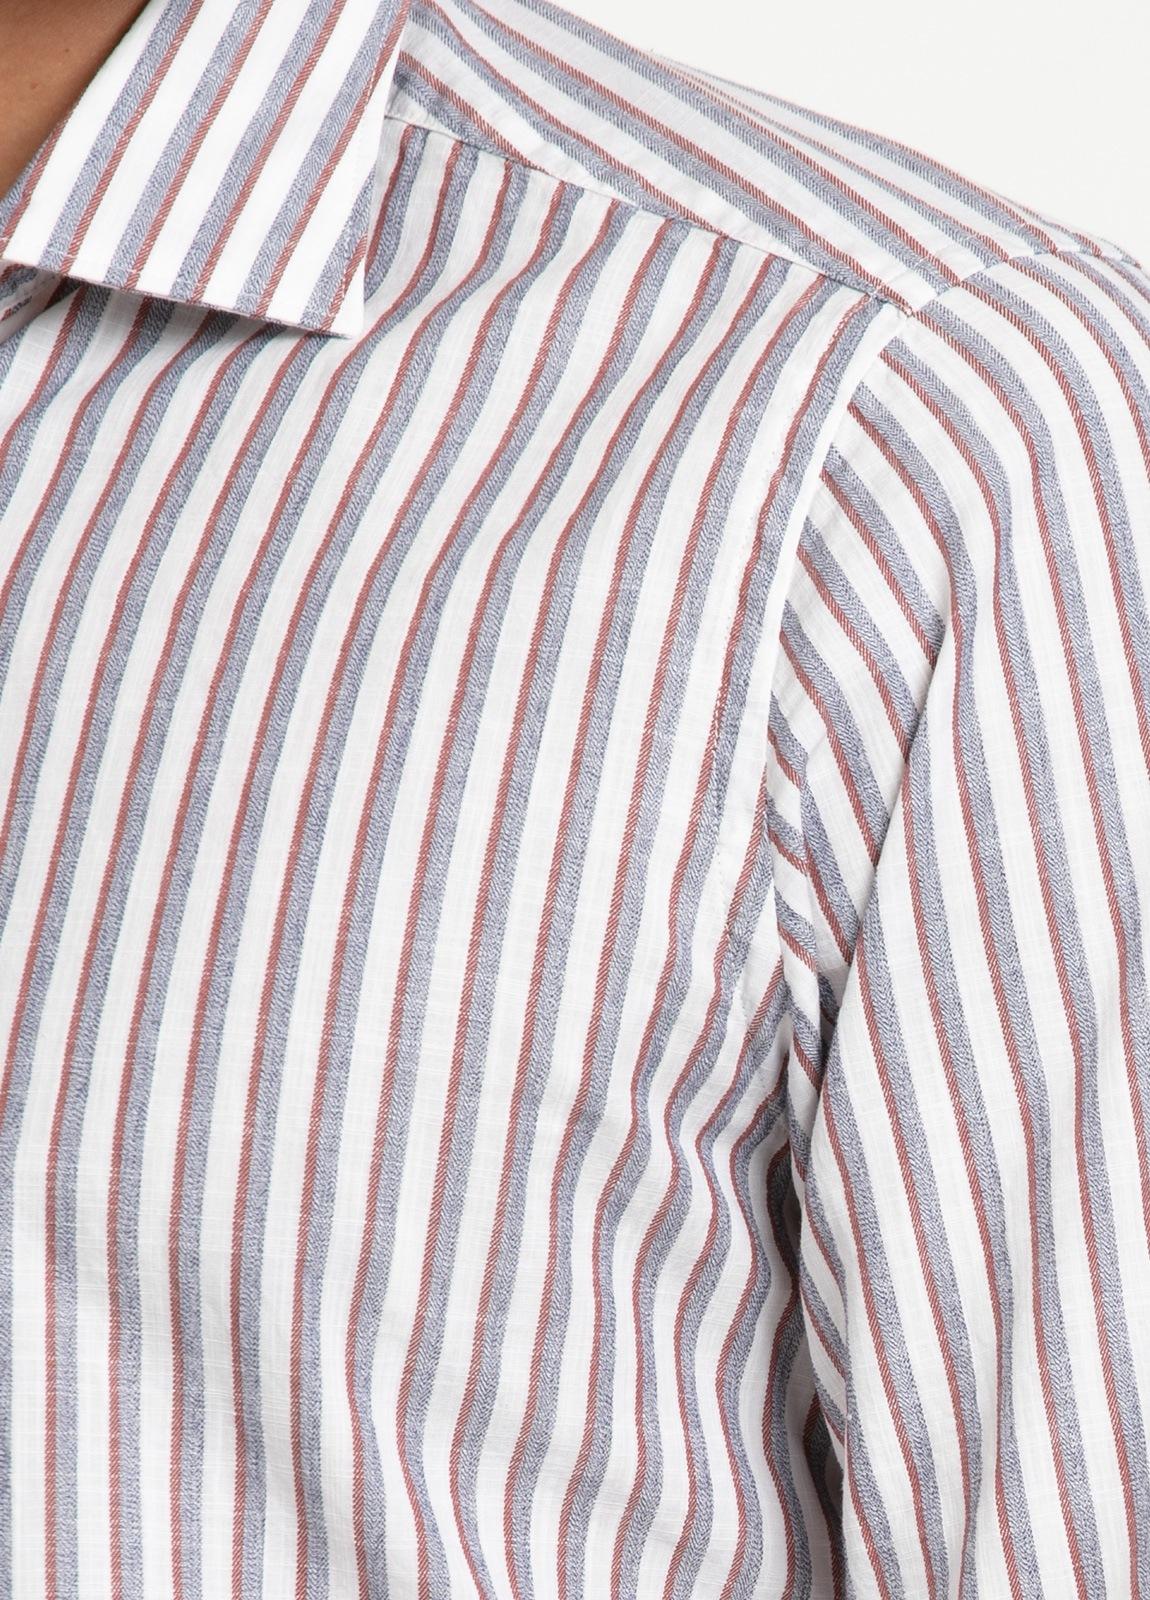 Camisa sport SLIM FIT, rayas color rojo y gris fondo blanco. 100% Algodón. - Ítem2